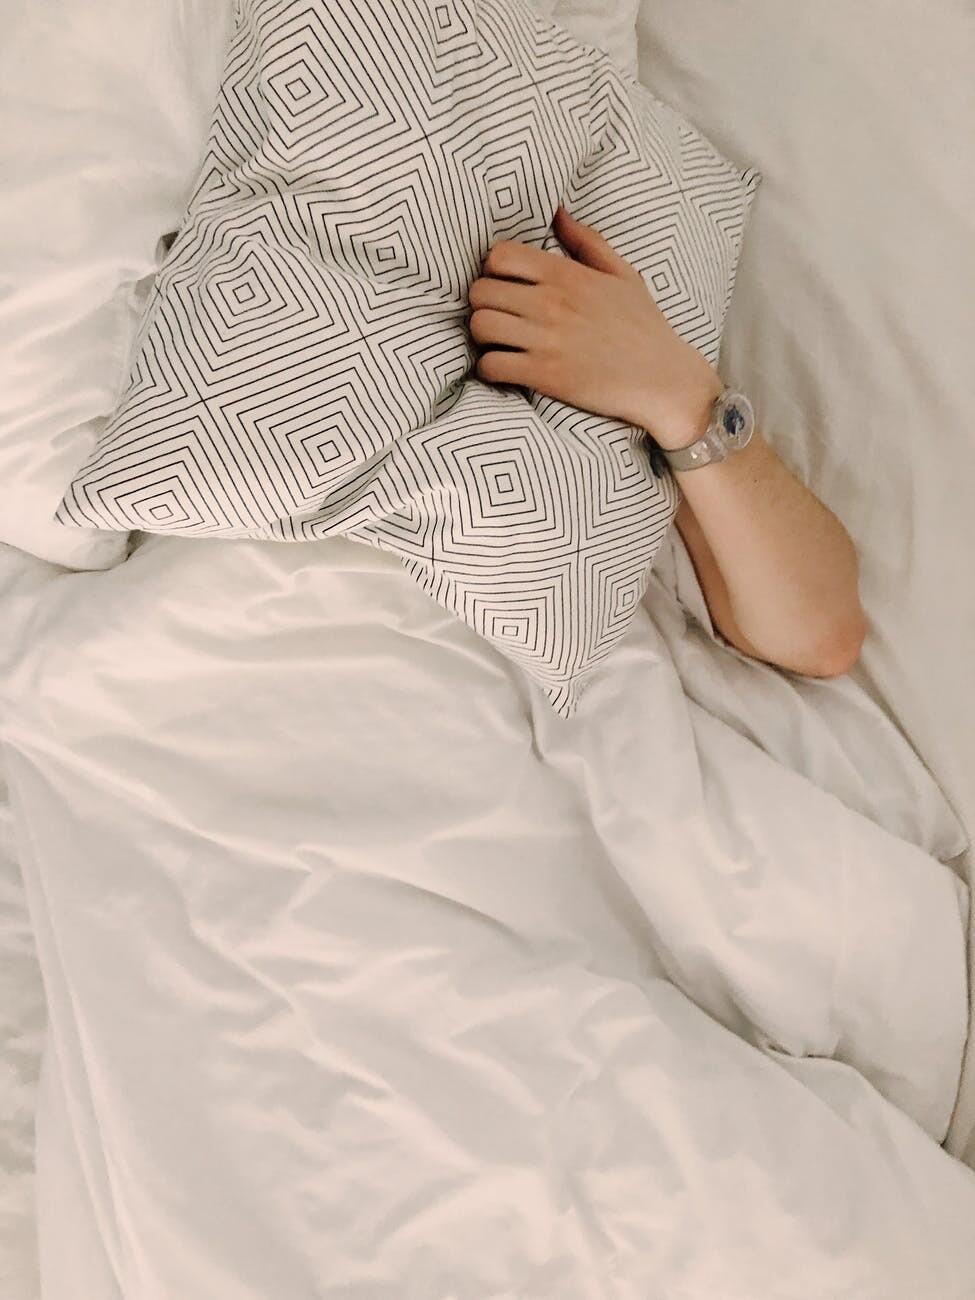 Braccio di persona che spunta da sotto piumino letto